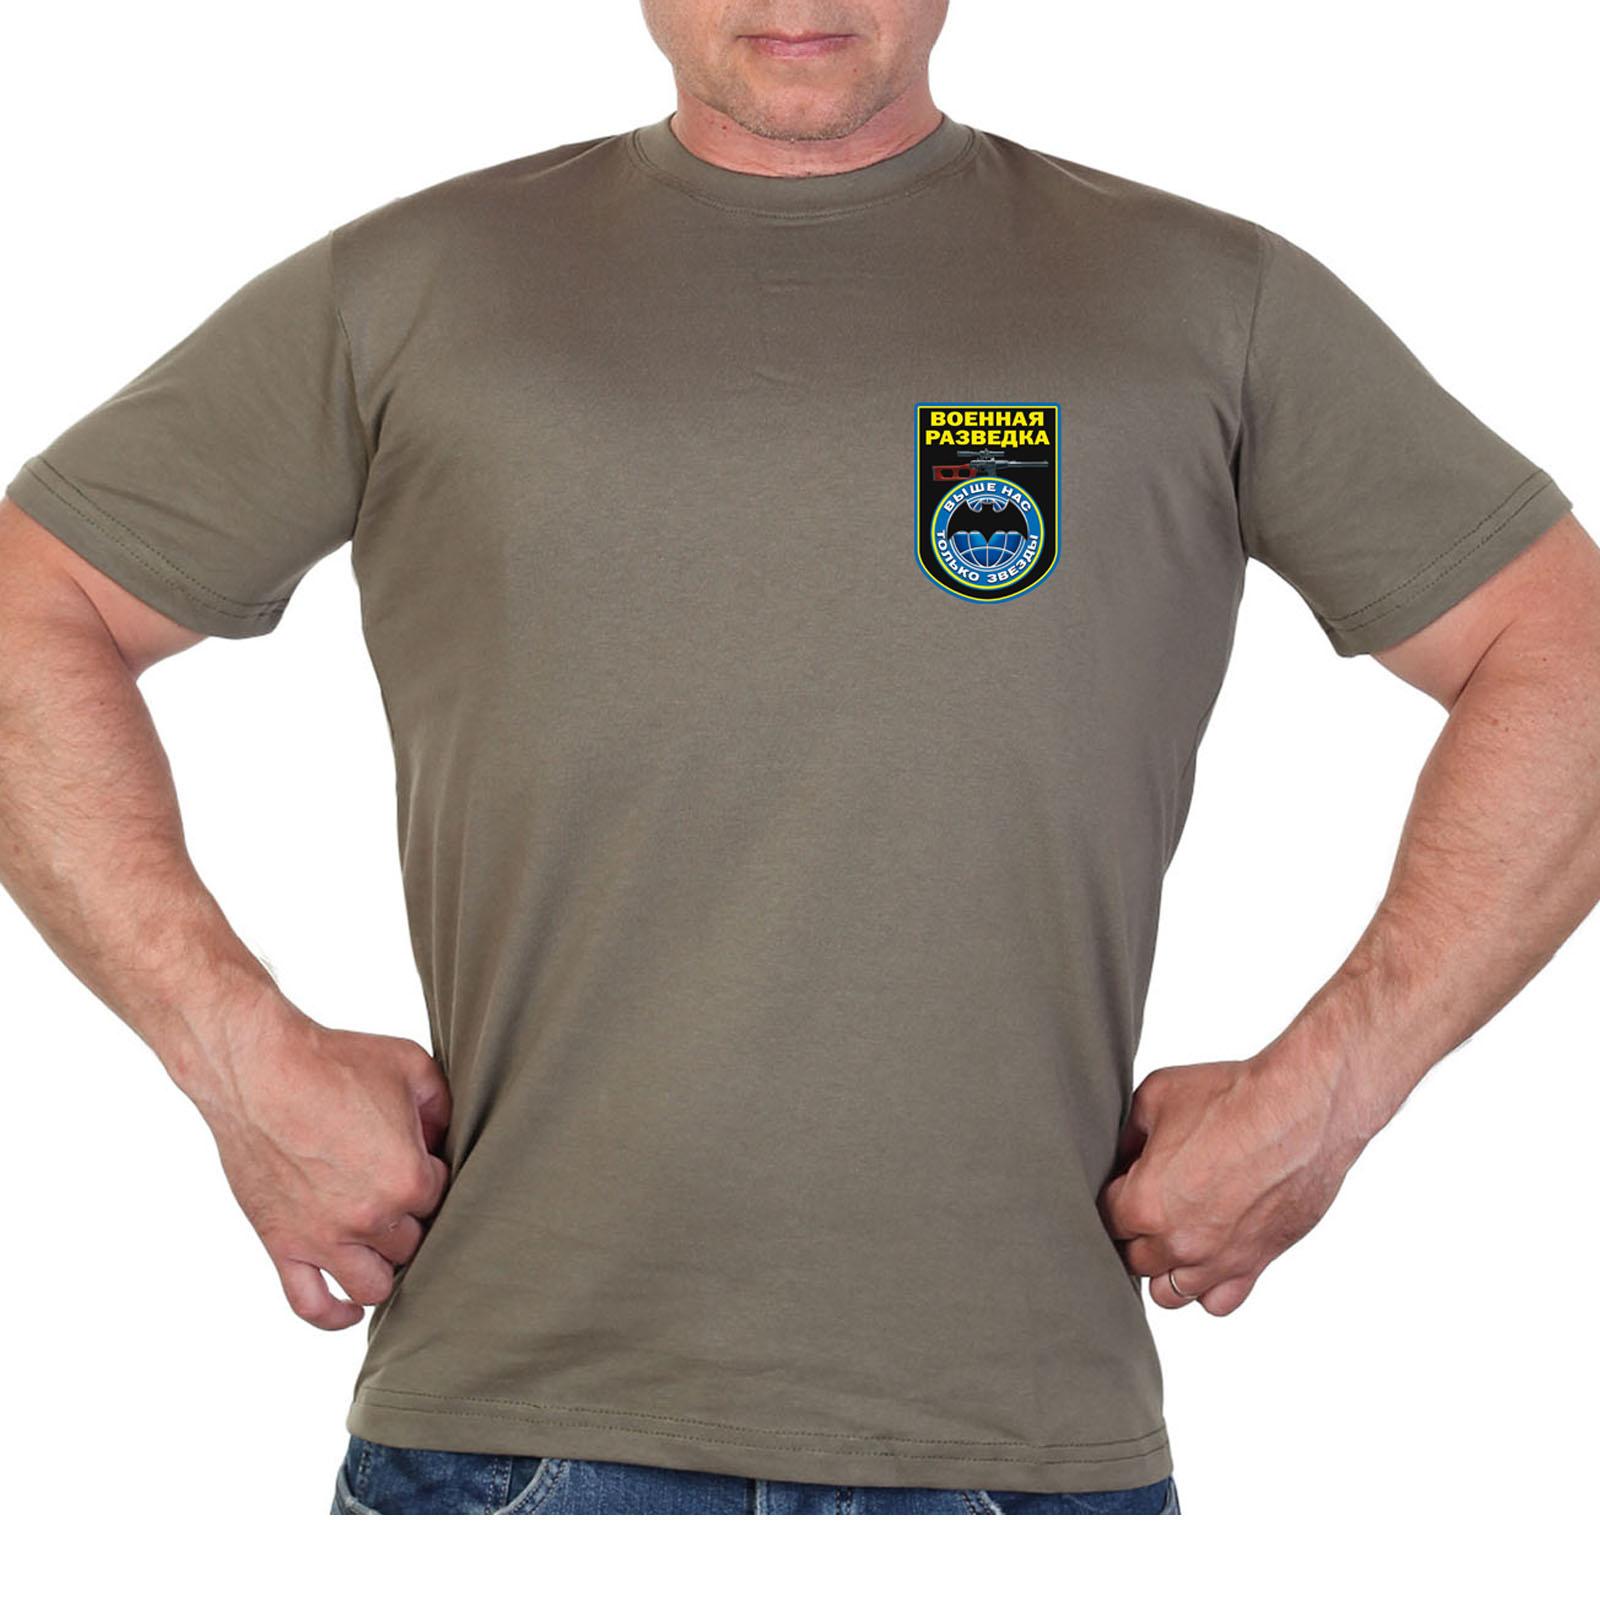 Оливковая футболка с термотрансфером Военная разведка